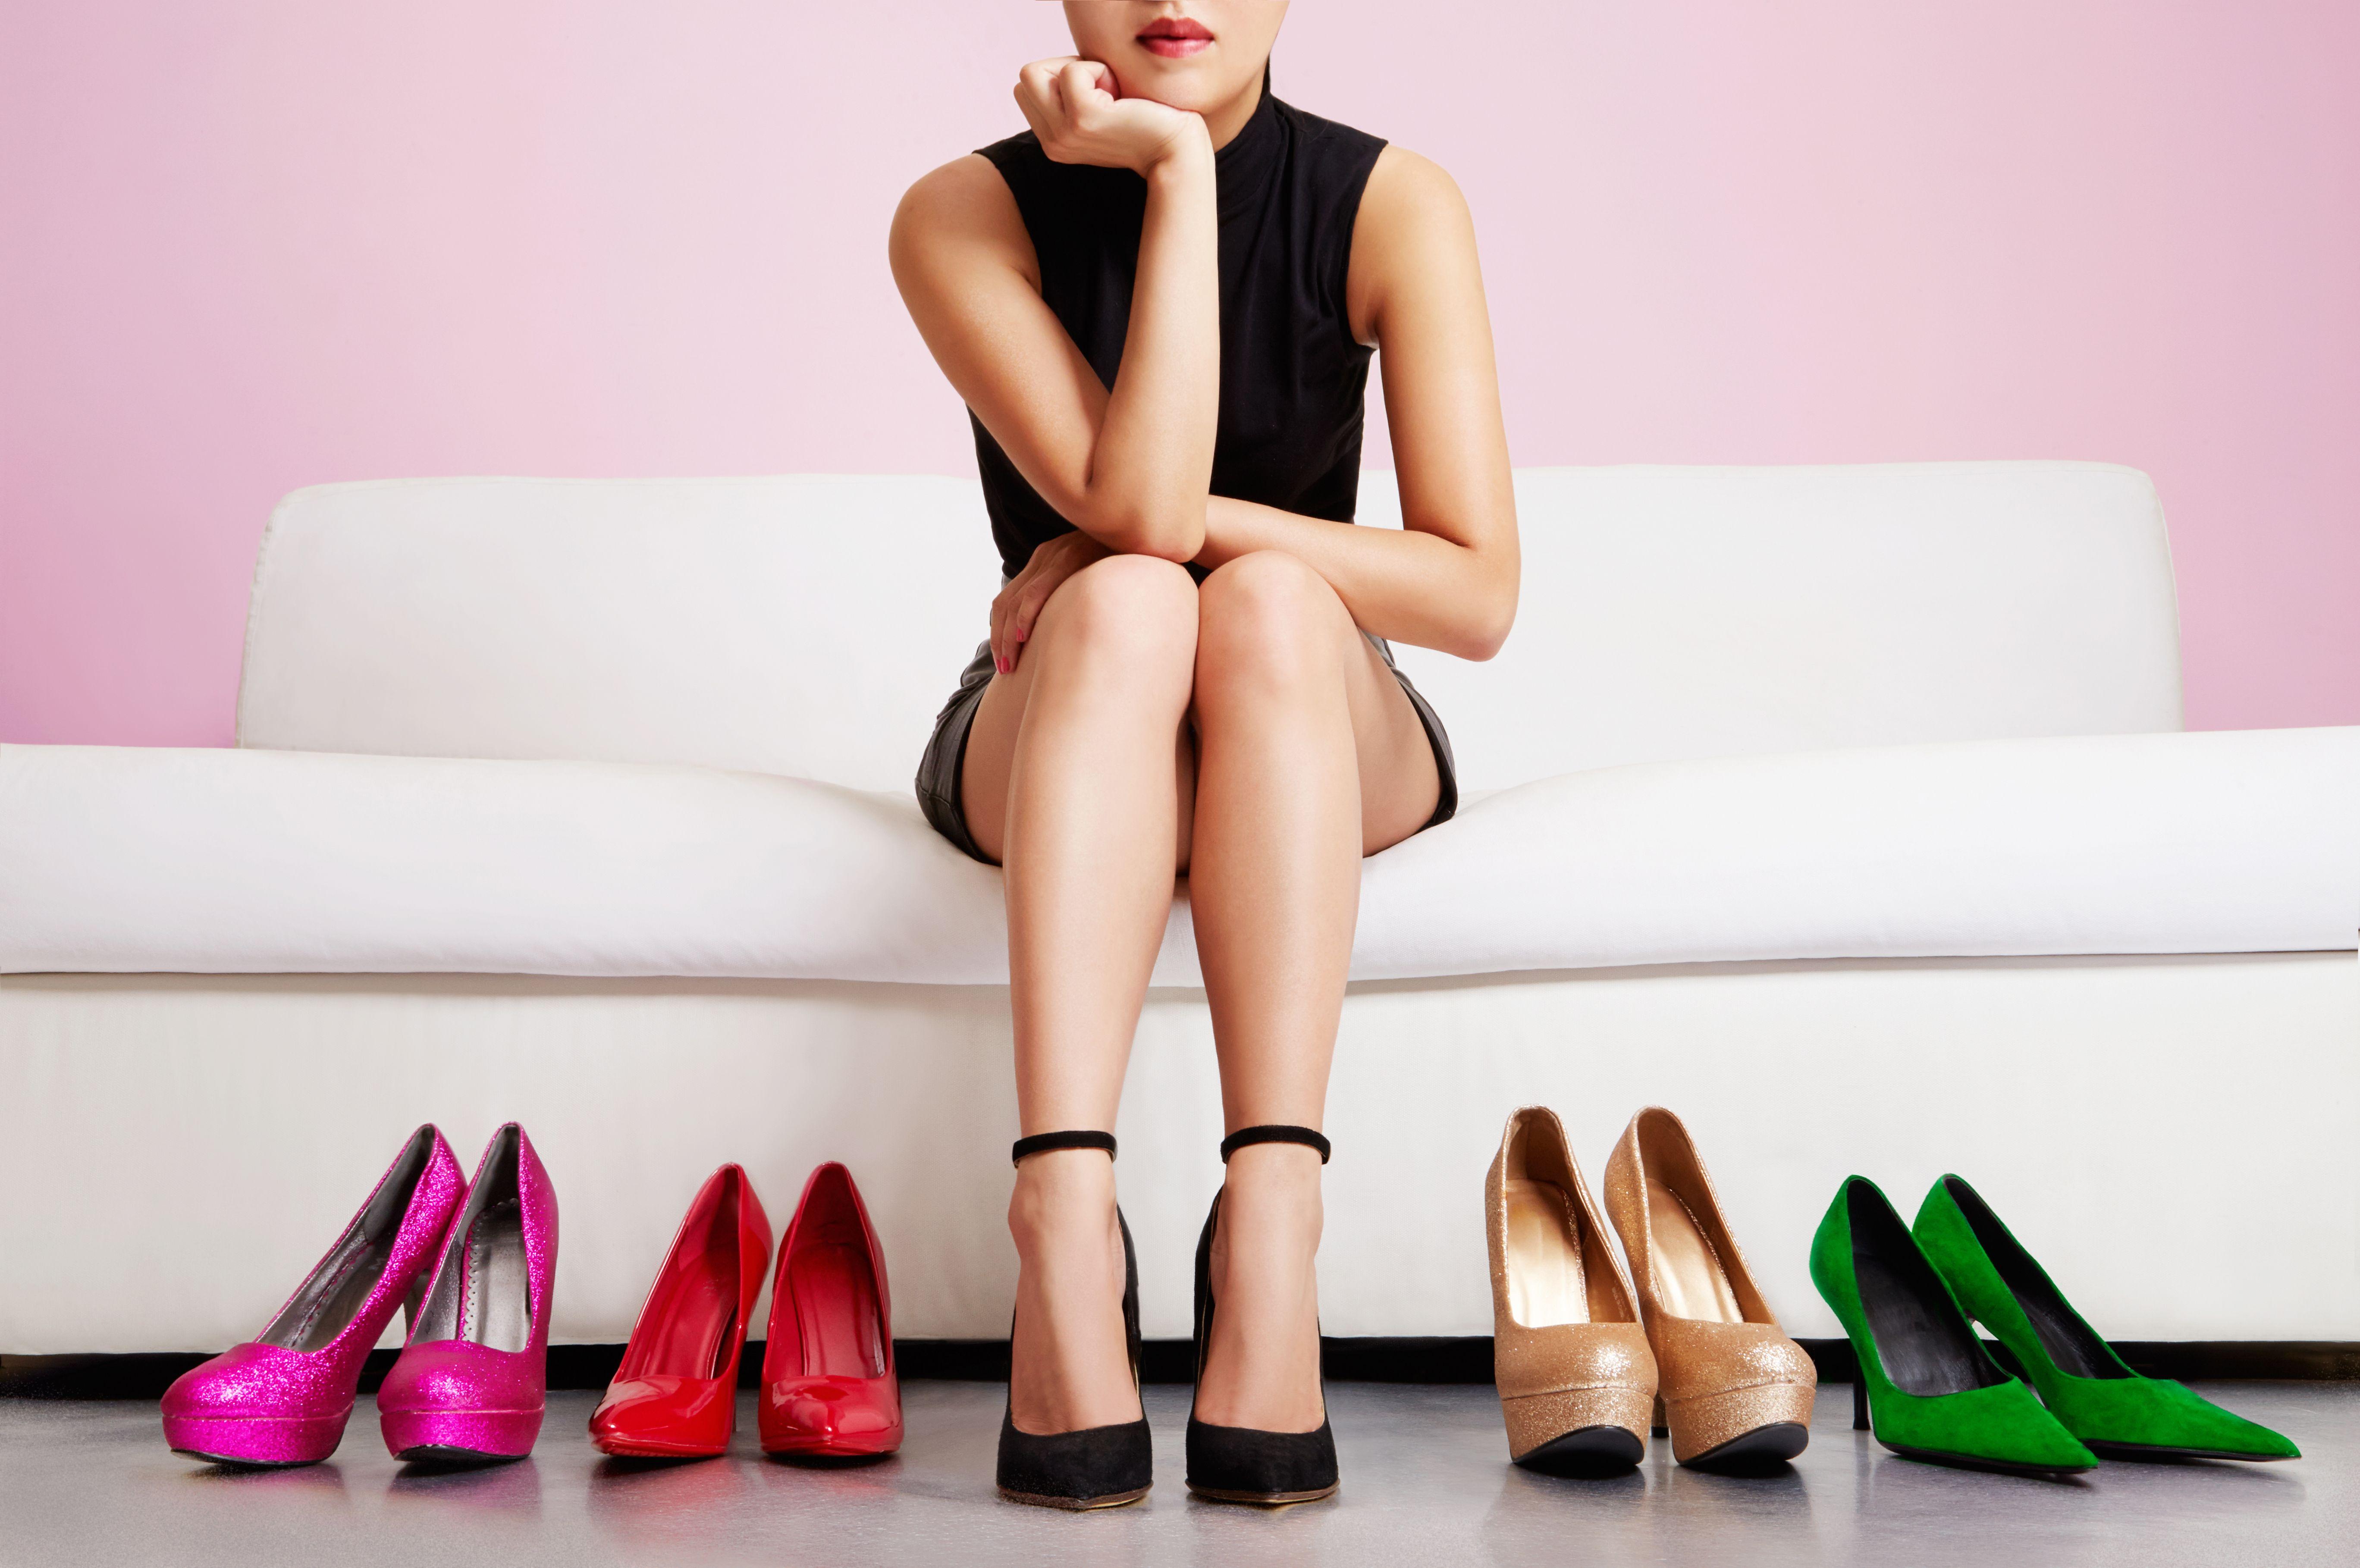 Κιρσοί  Πόσο φταίνε τα παπούτσια με ψηλά τακούνια  adec819277a